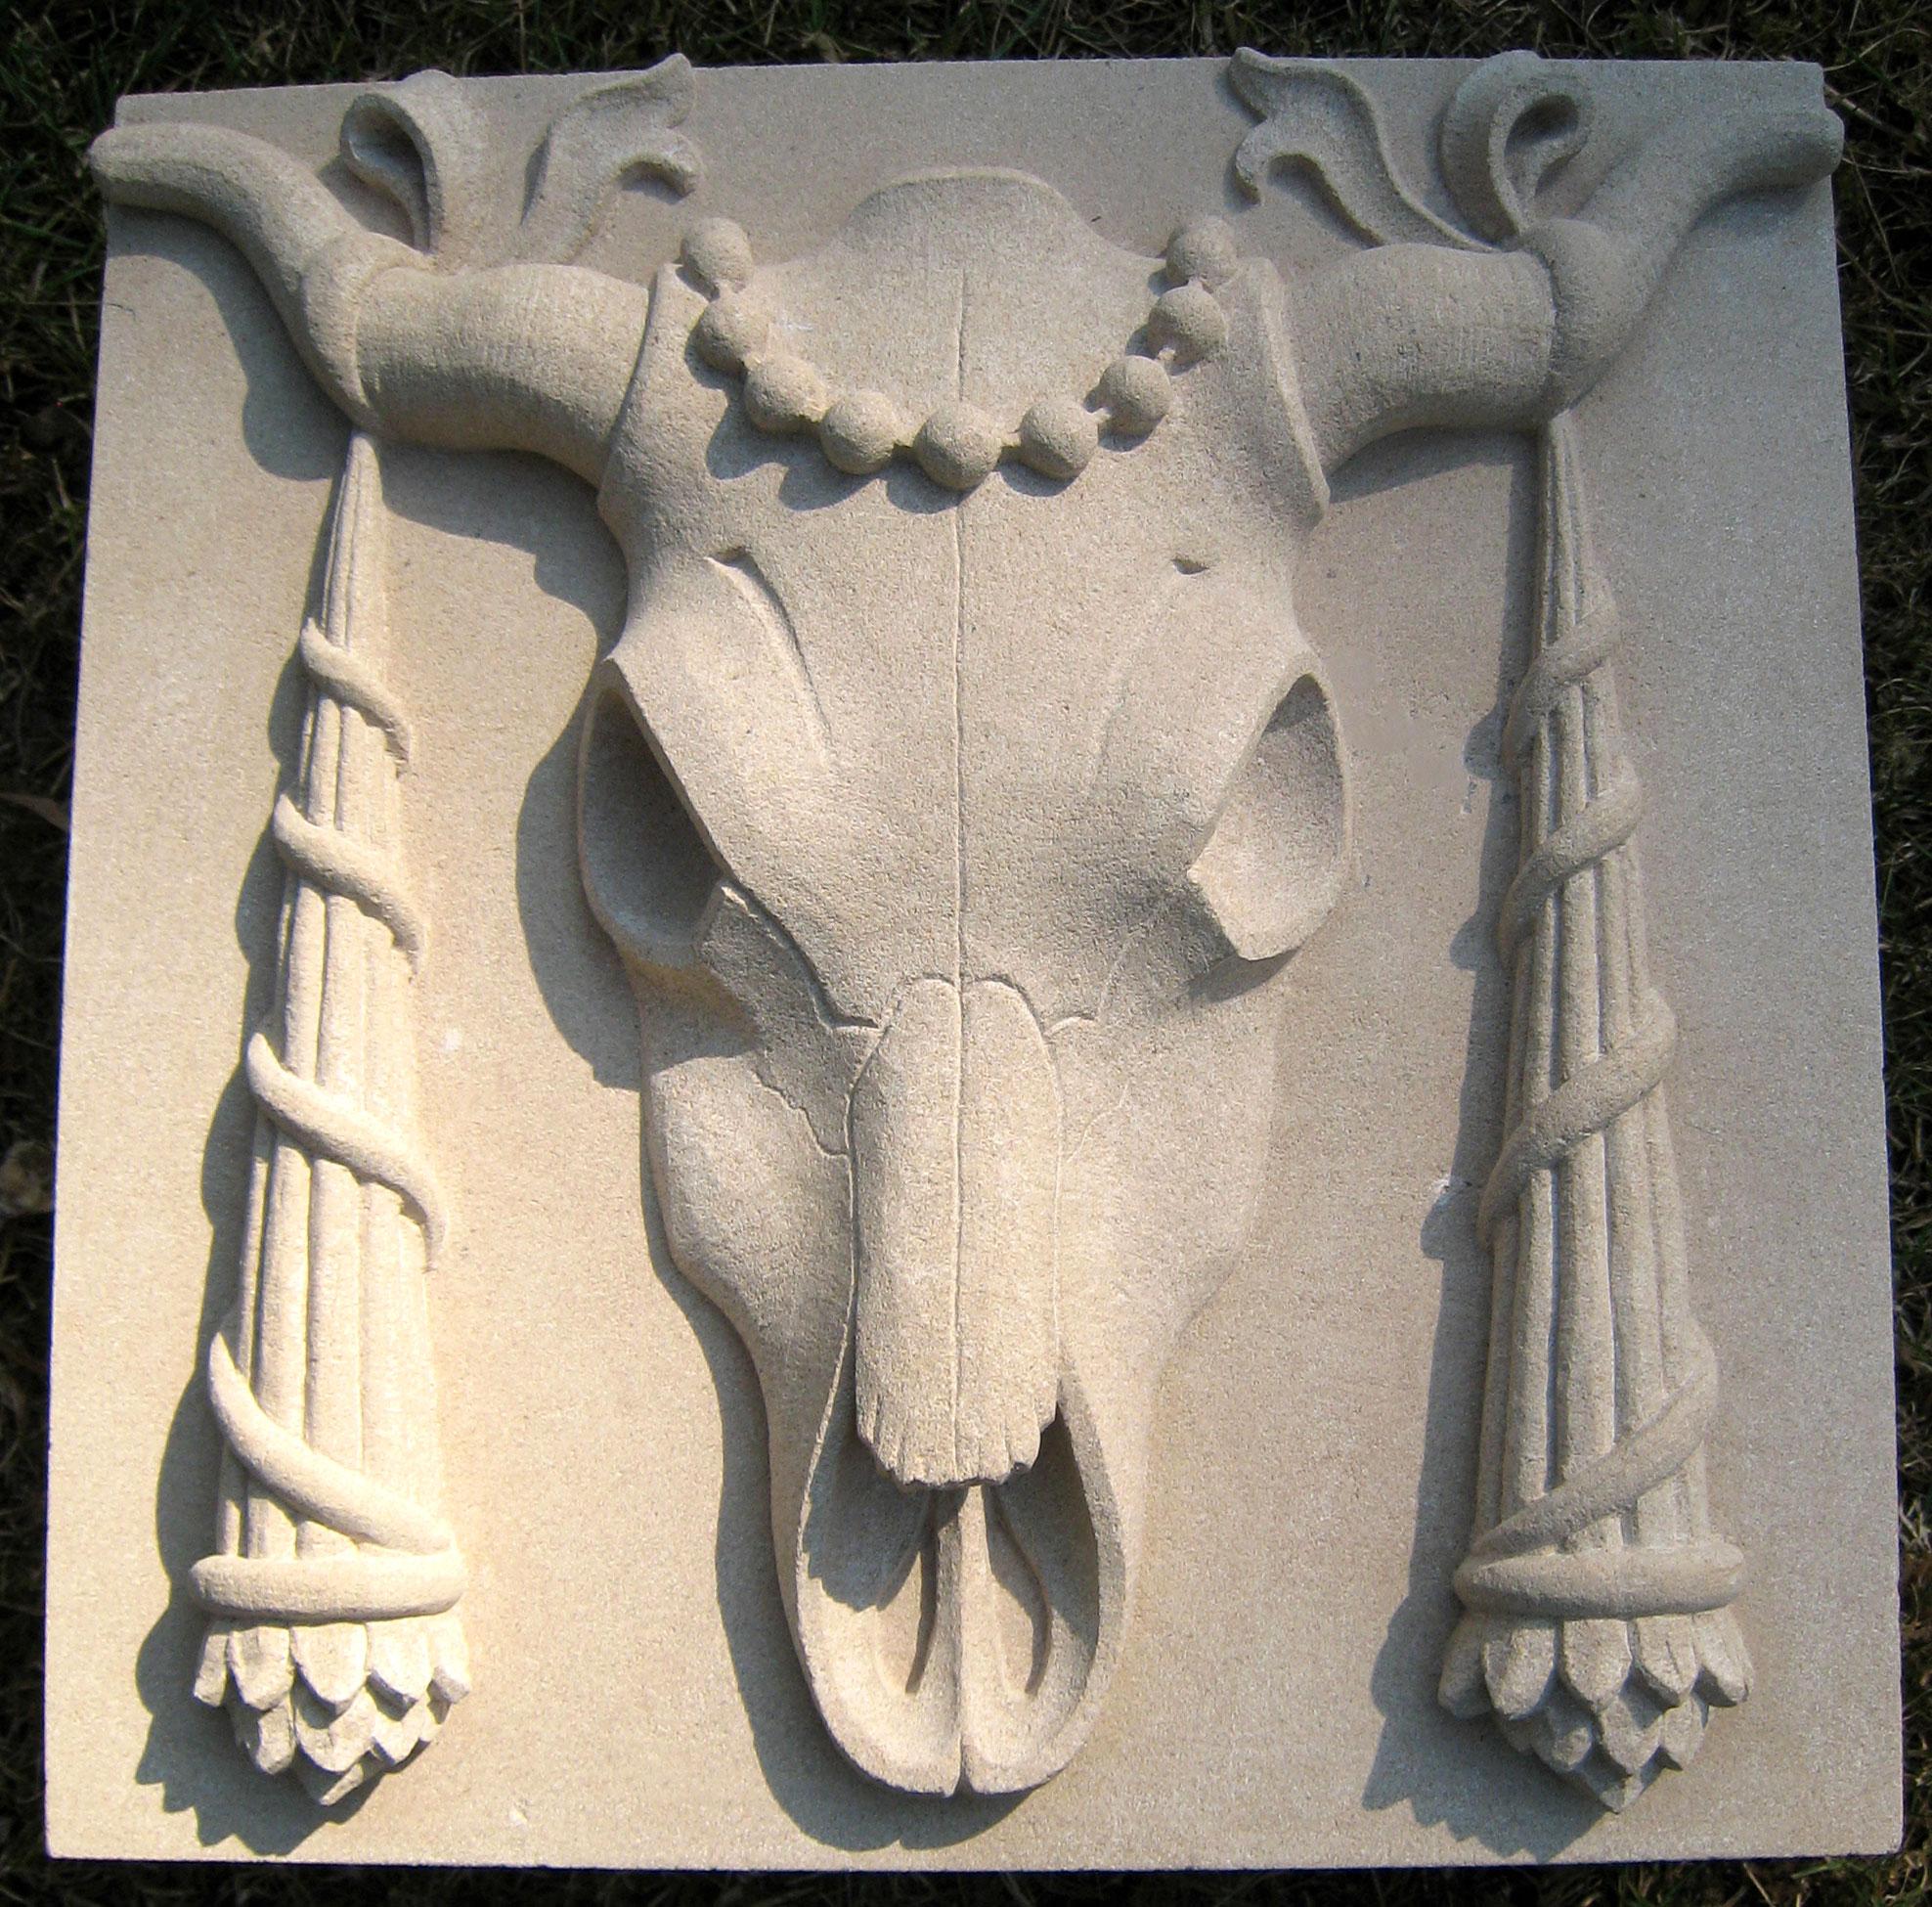 36 Classical Bulls skulls